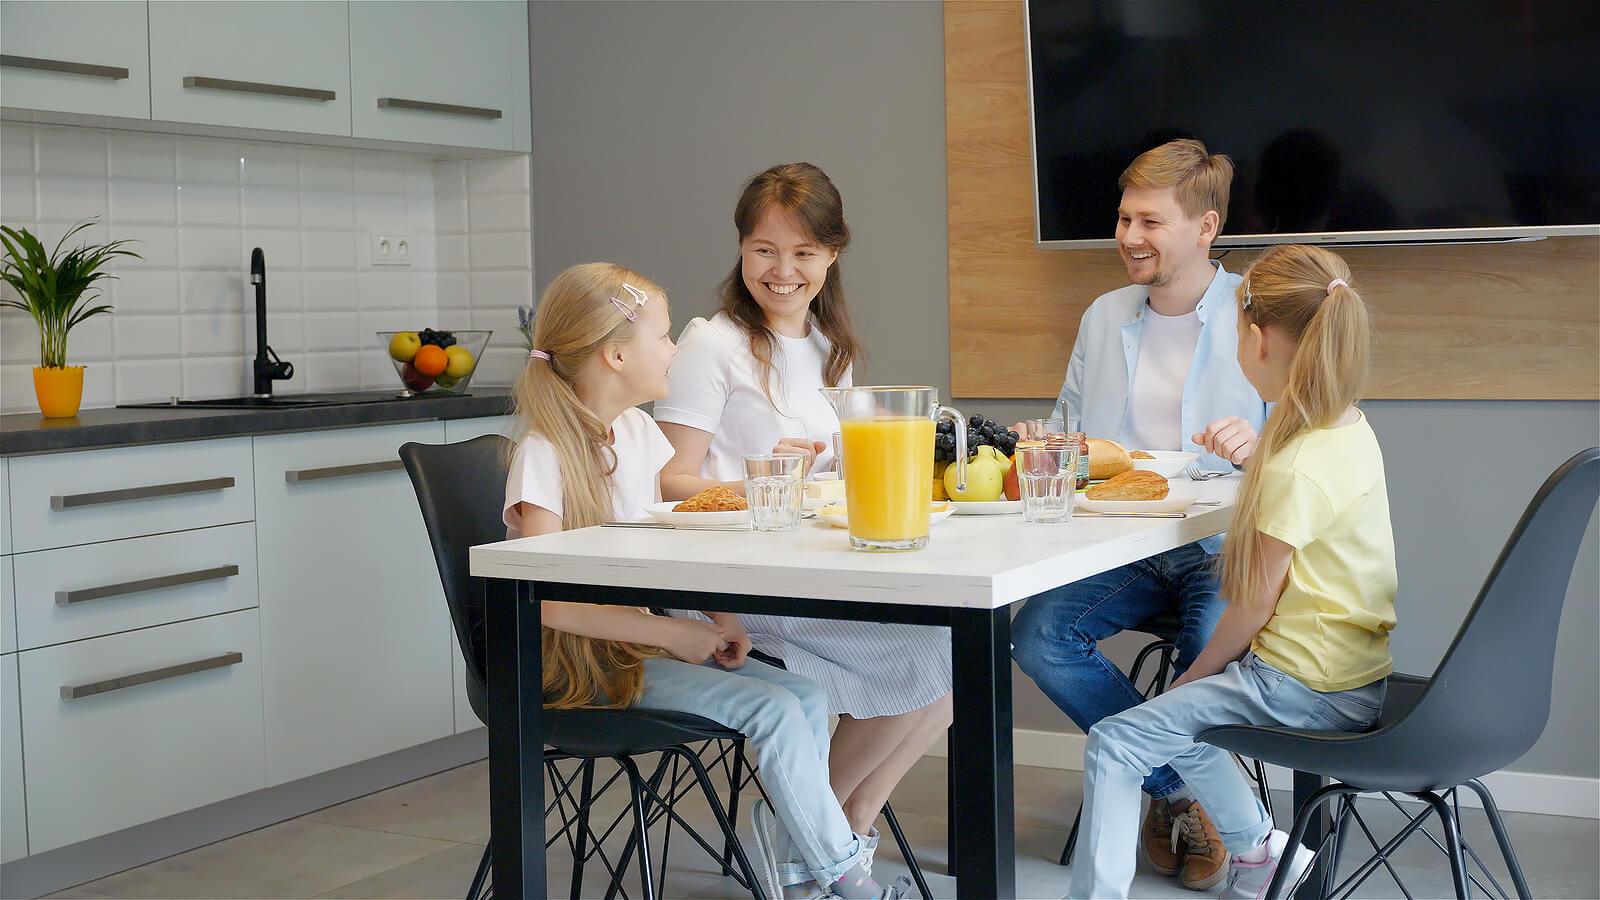 Padres desayunando junto a sus hijas.